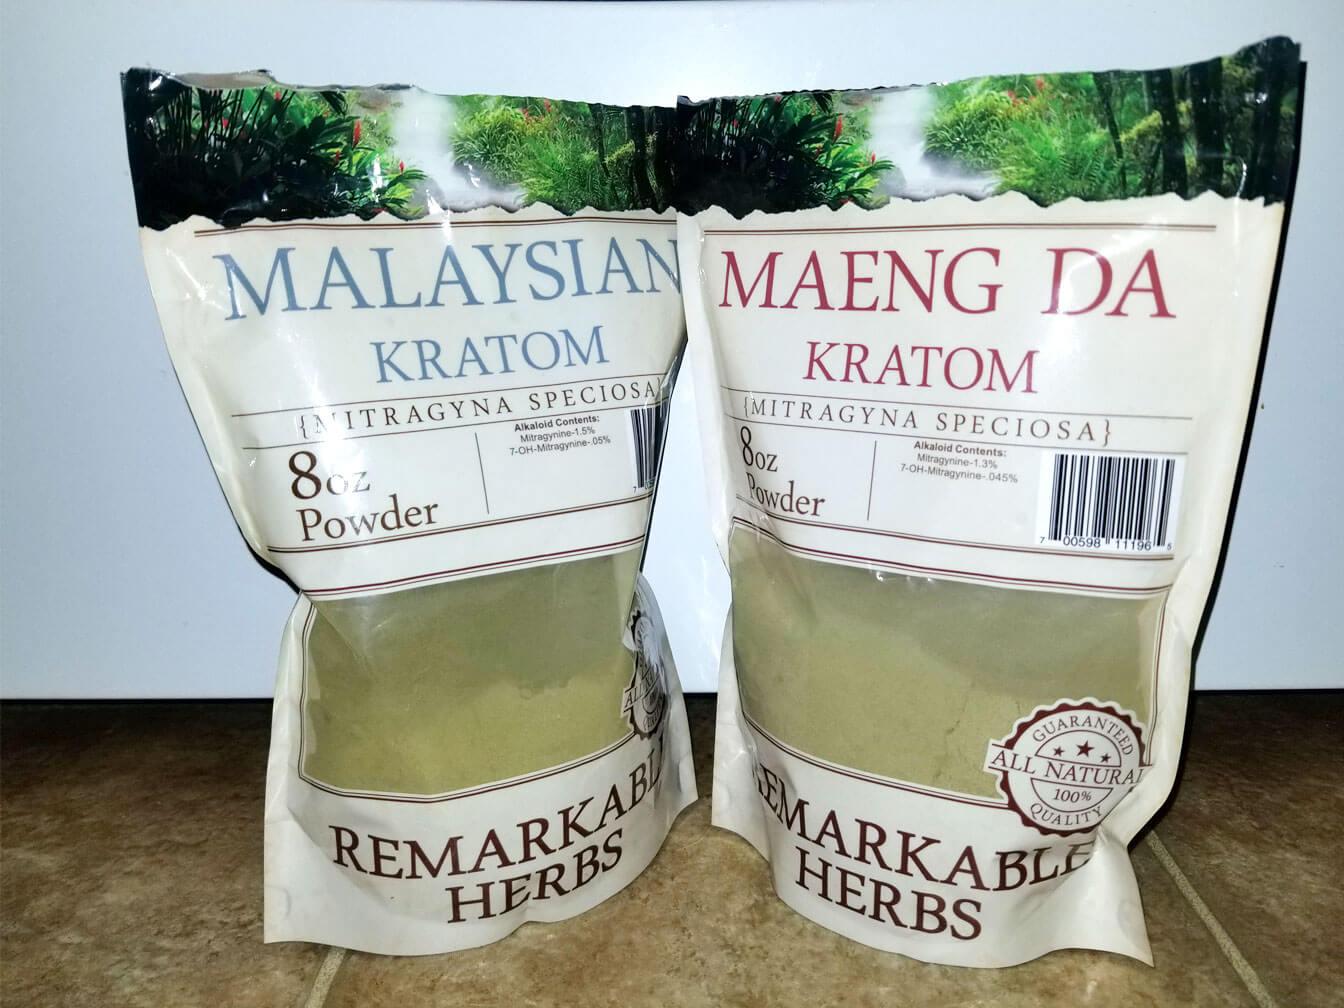 Remarkable Herbs: Kratom Reviews